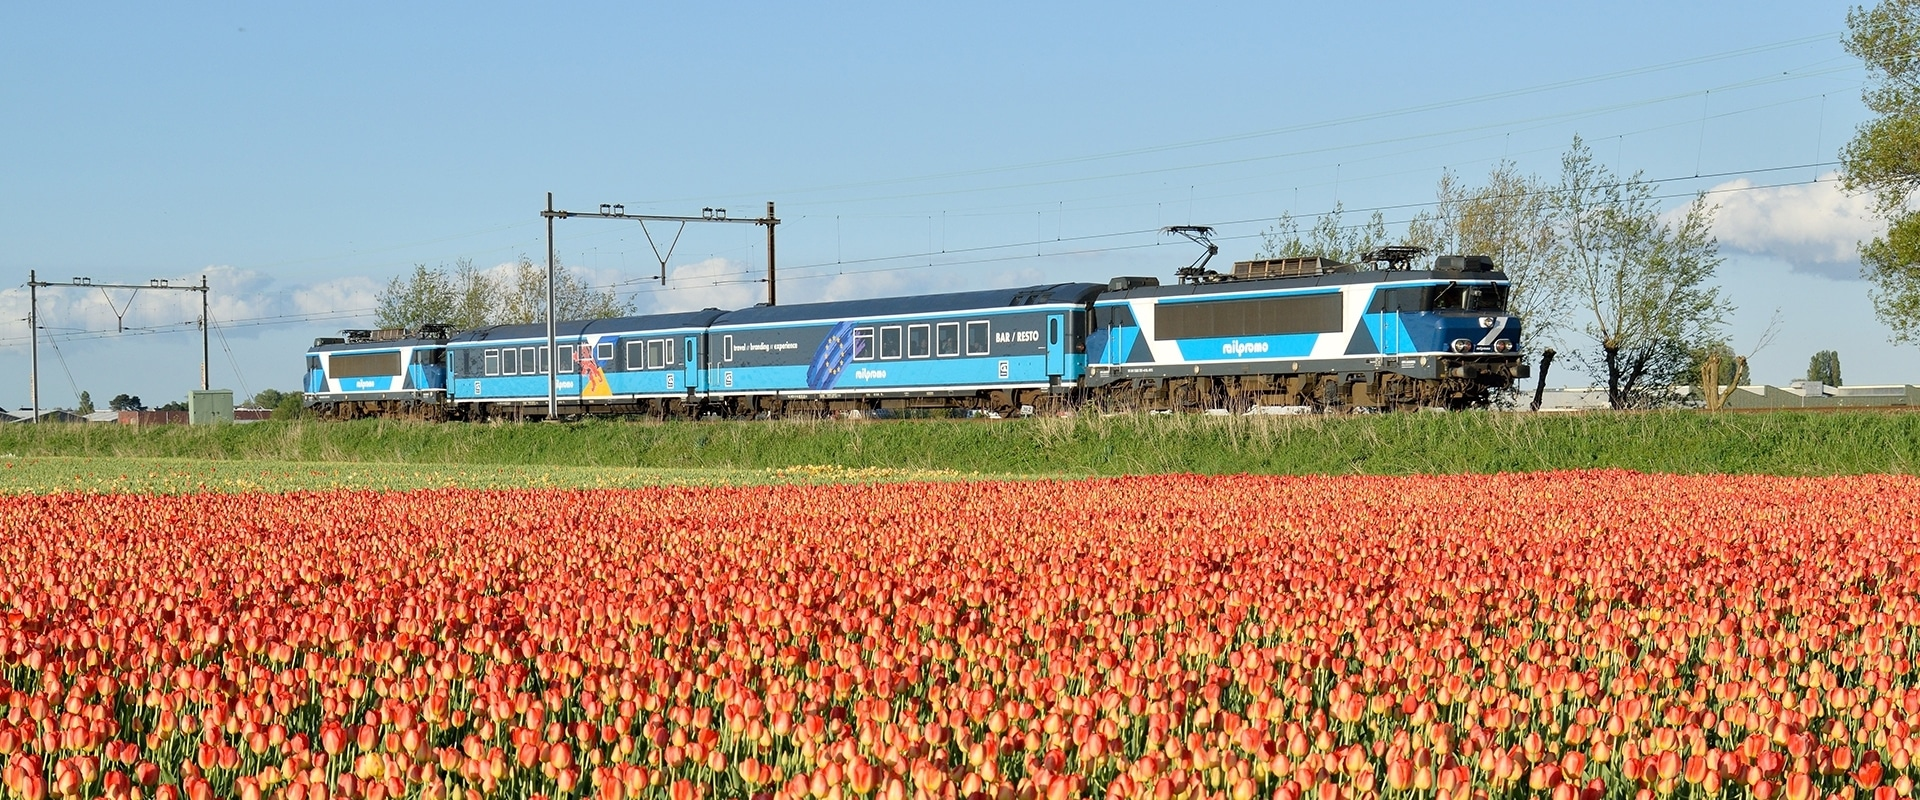 Dinner Train is een unieke pop-up-beleving in een als restaurant ingerichte trein die een jaar lang door Nederland rijdt en in 37 stations gasten verwelkomt voor een smakelijke reis.